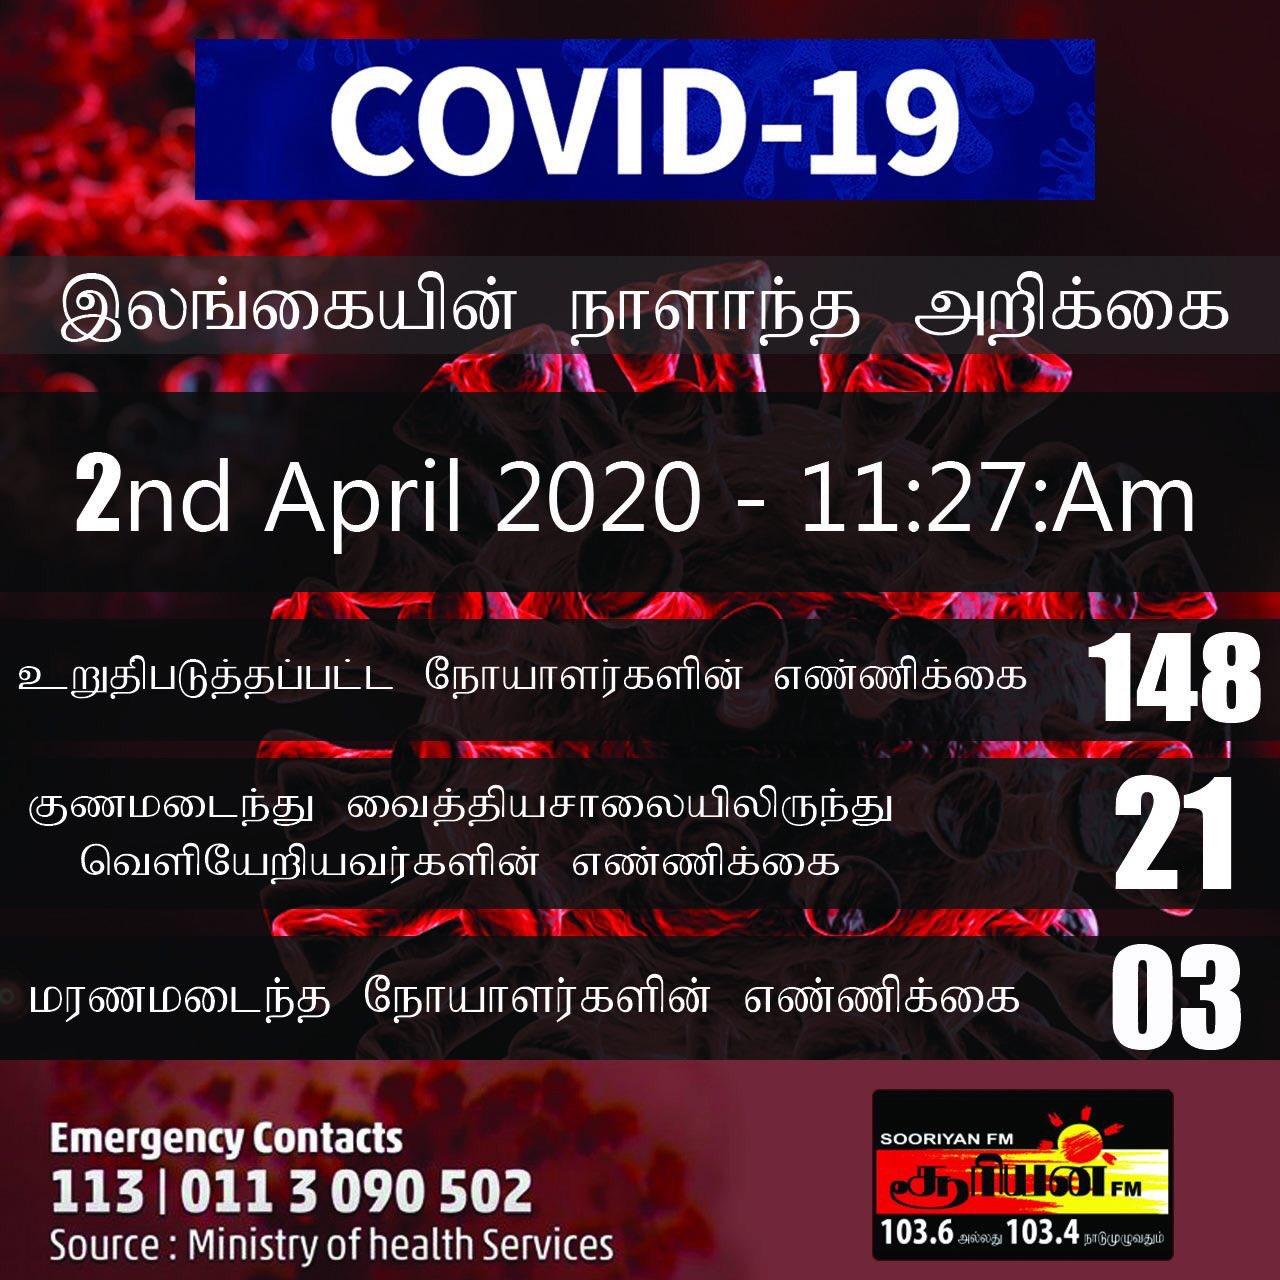 இலங்கையில் கொரோனா தொற்றின்  தற்போதைய நிலவரம் #COVIDー19 #COVID19LK #lka #SriLanka